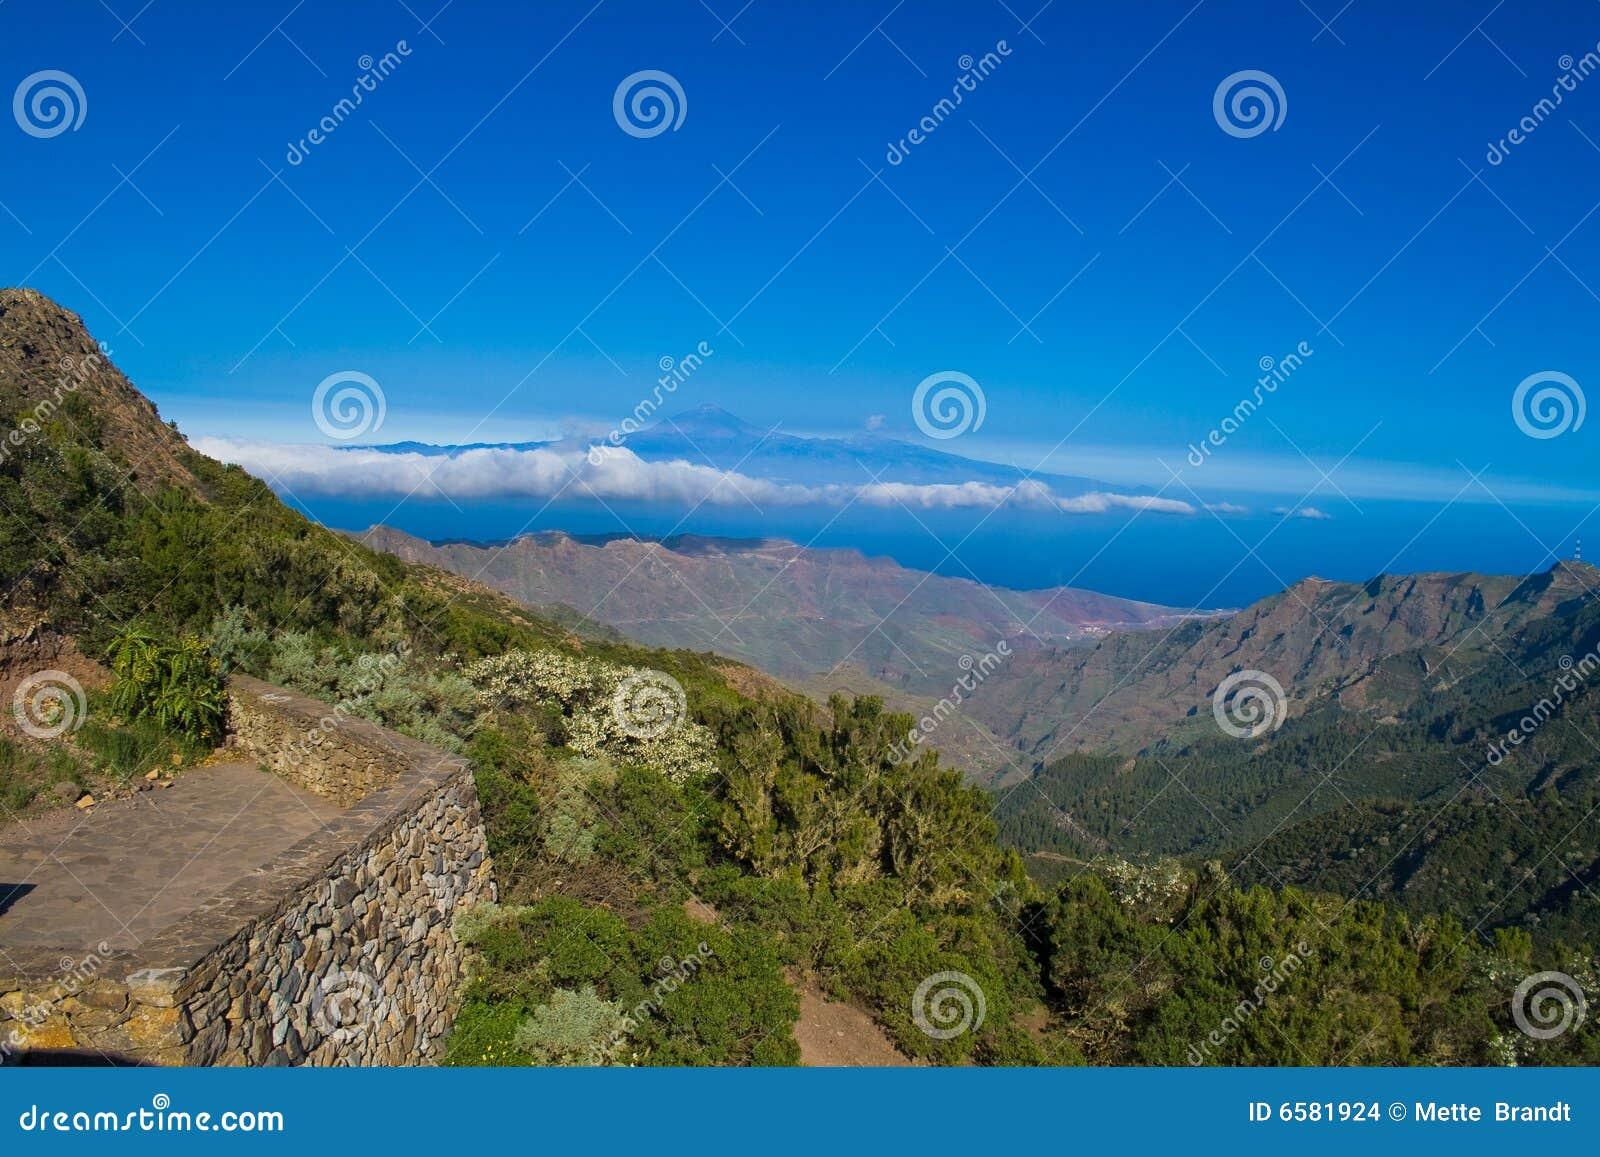 View from La Gomera